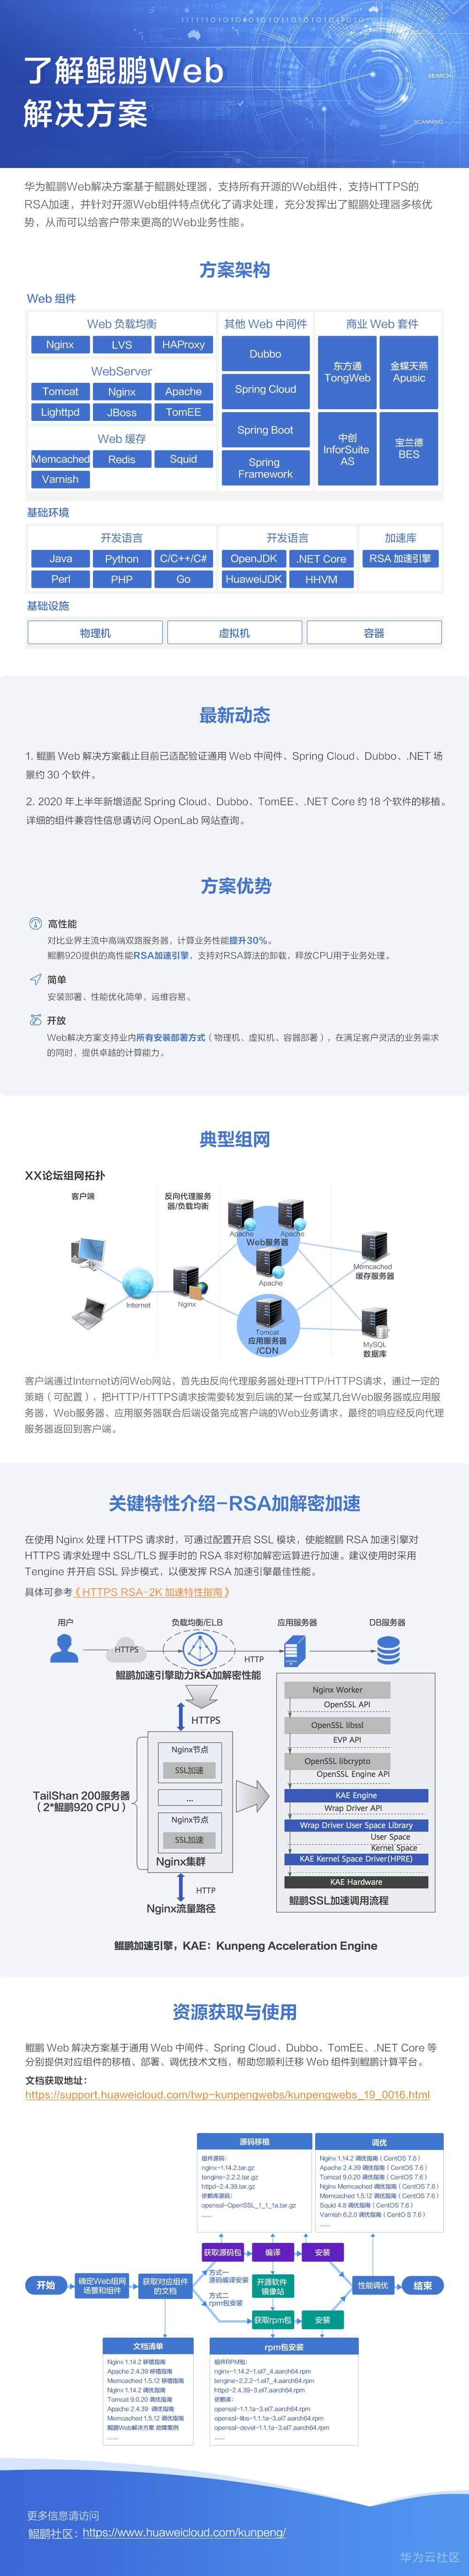 6了解鲲鹏Web应用解决方案(无logo)-.png